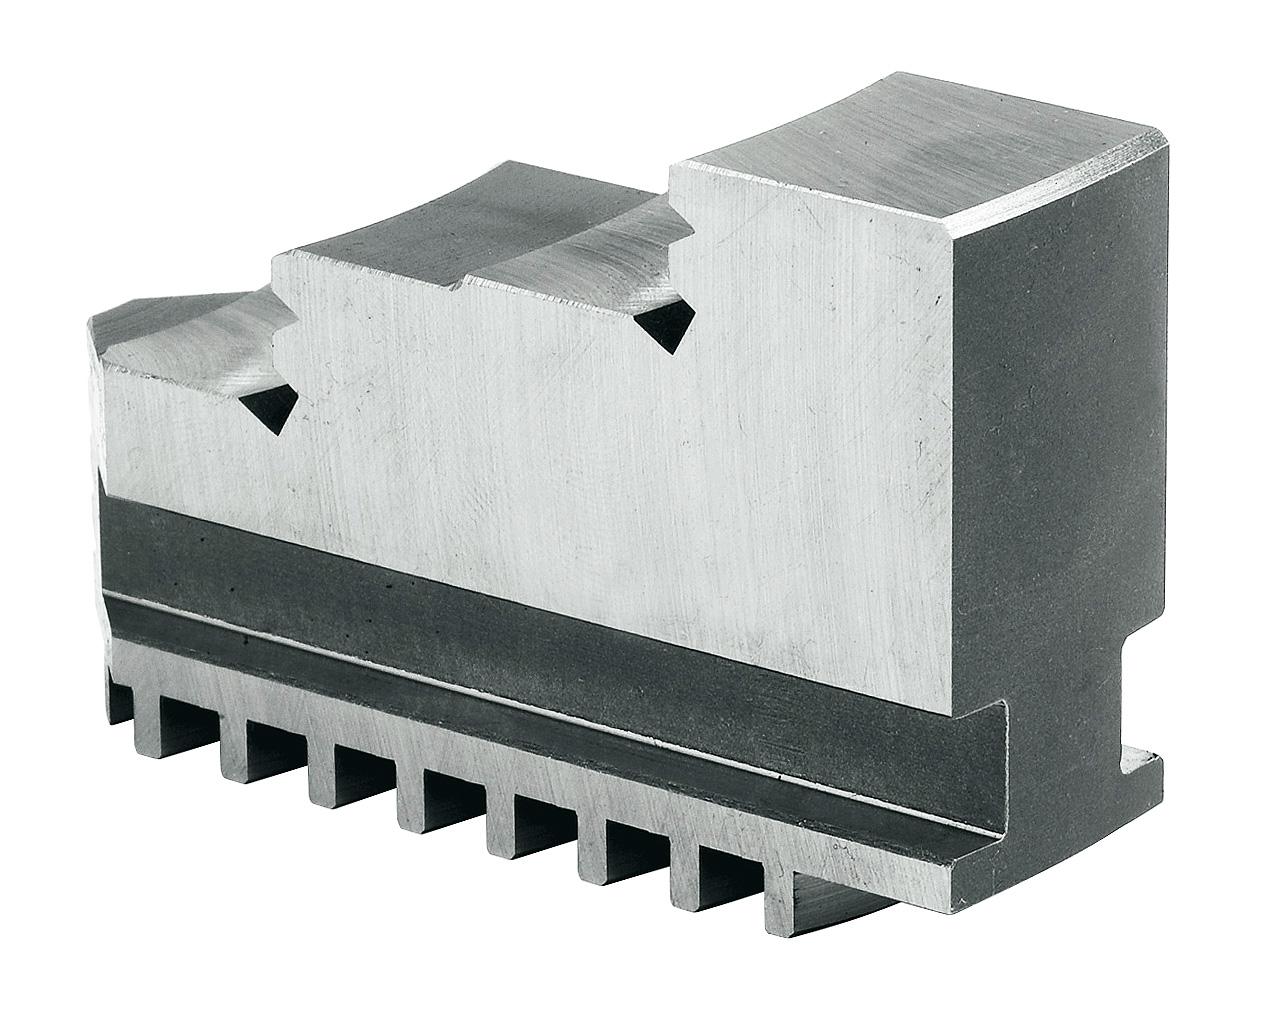 Szczęki jednolite twarde wewnętrzne - komplet DIJ-DK12-500 BERNARDO